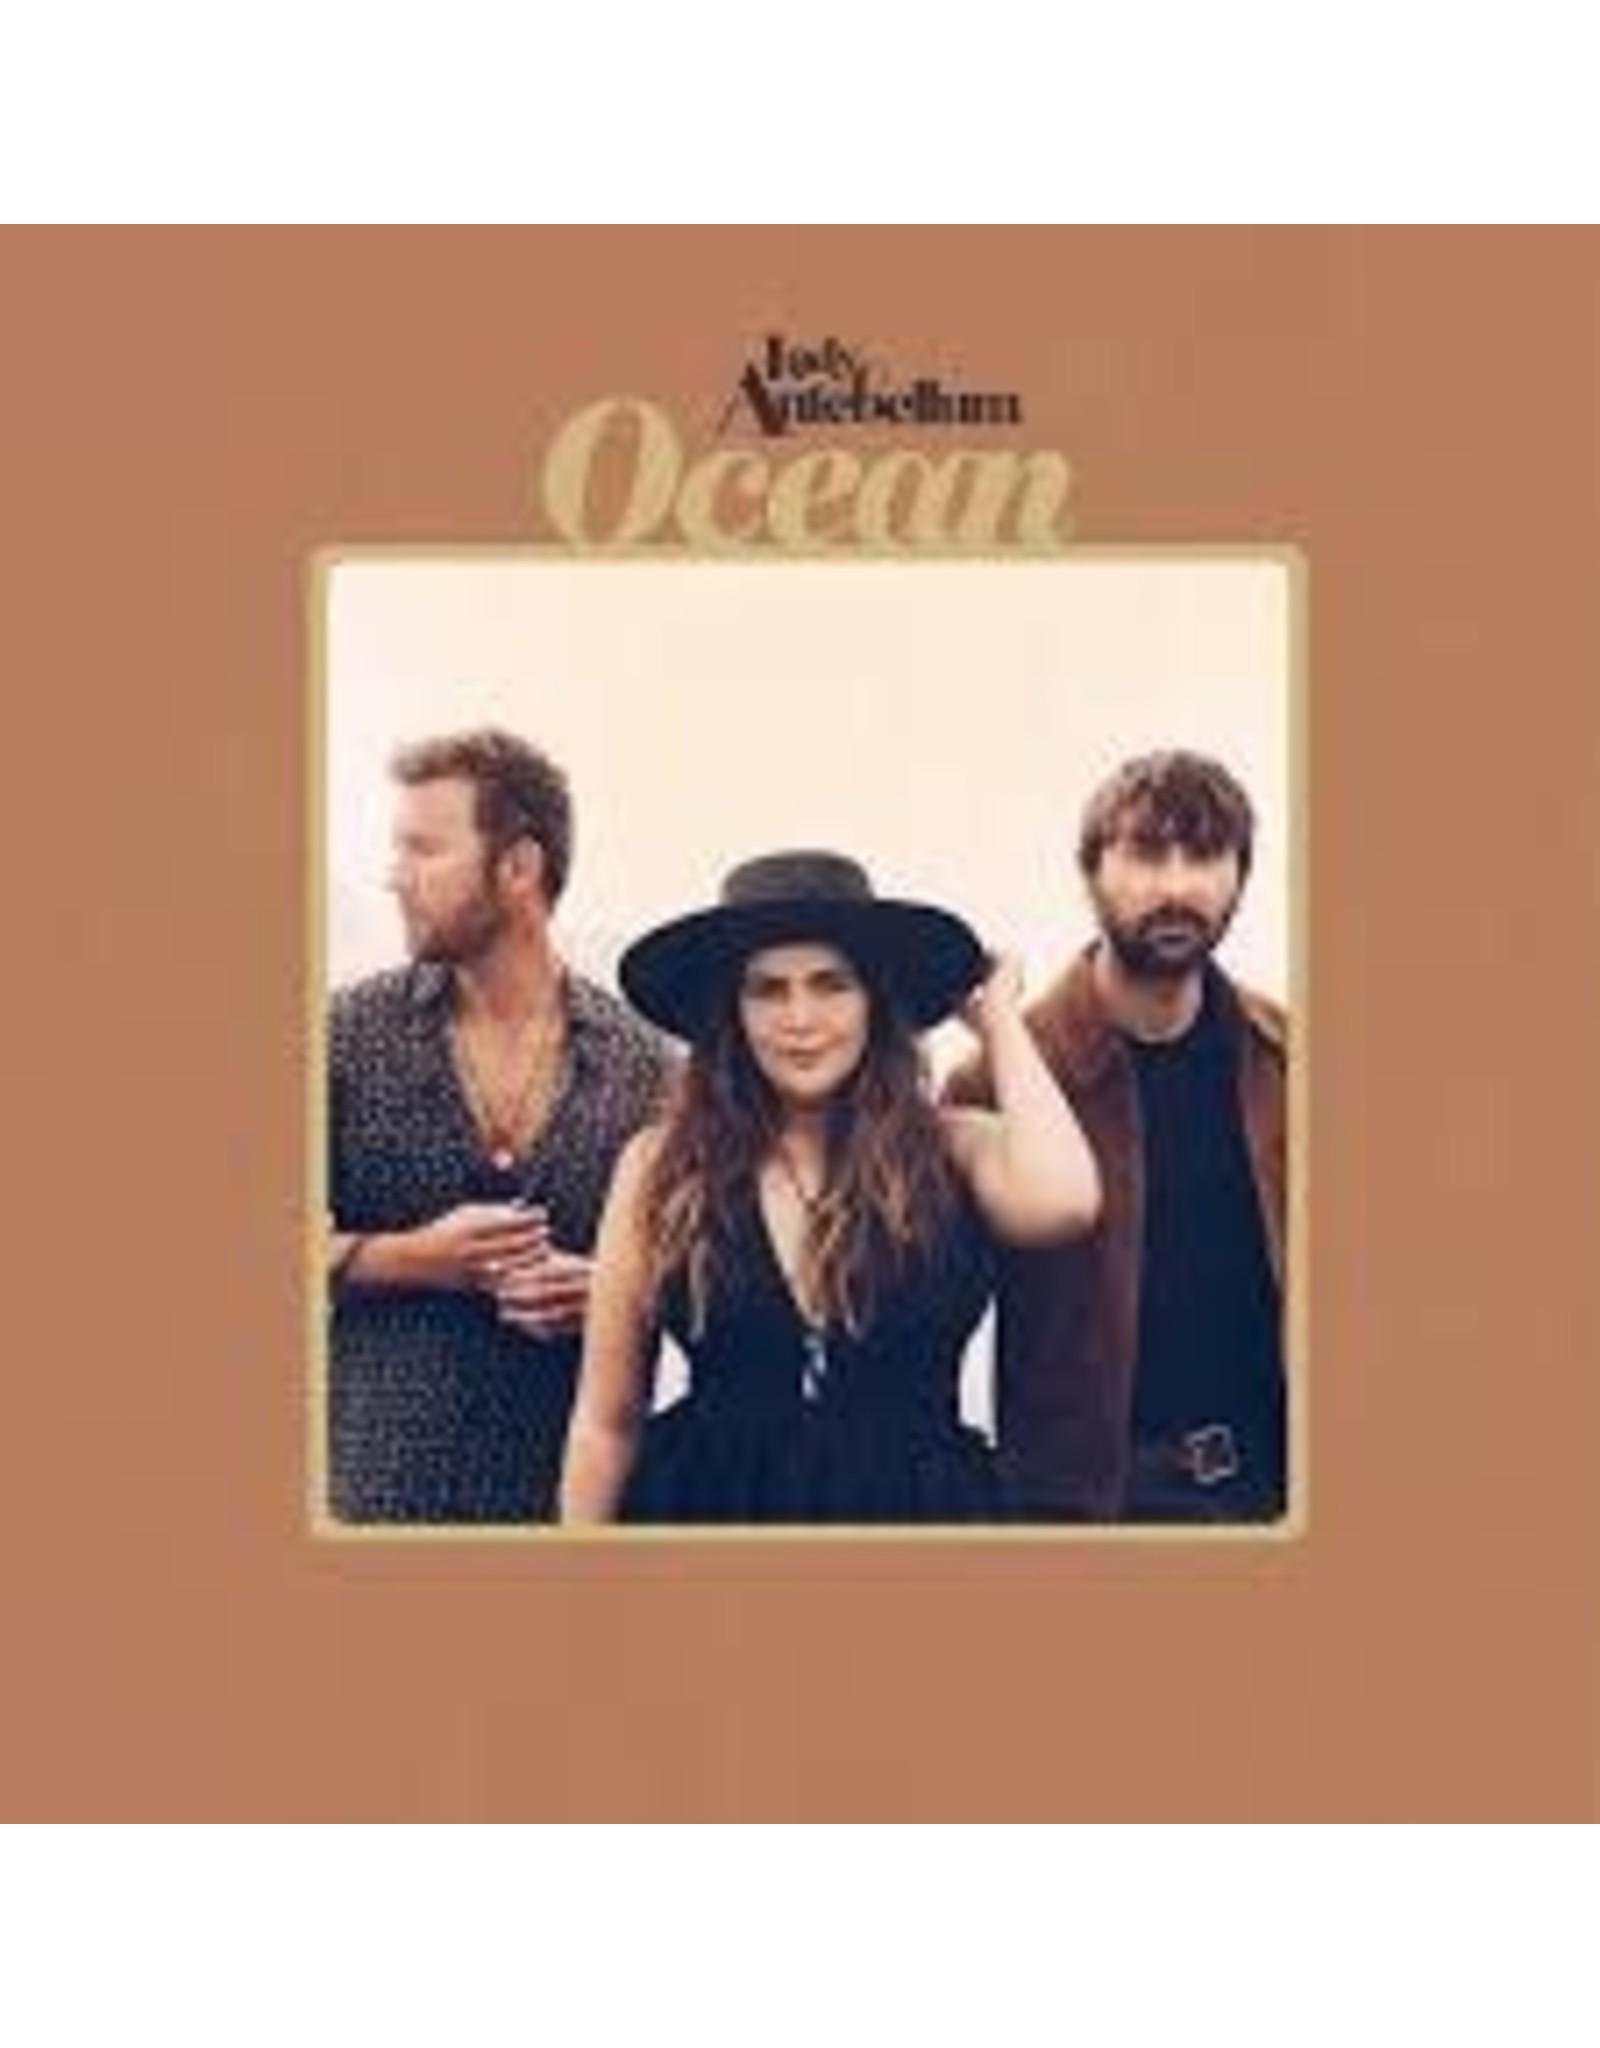 Lady Antebellum - Oceans